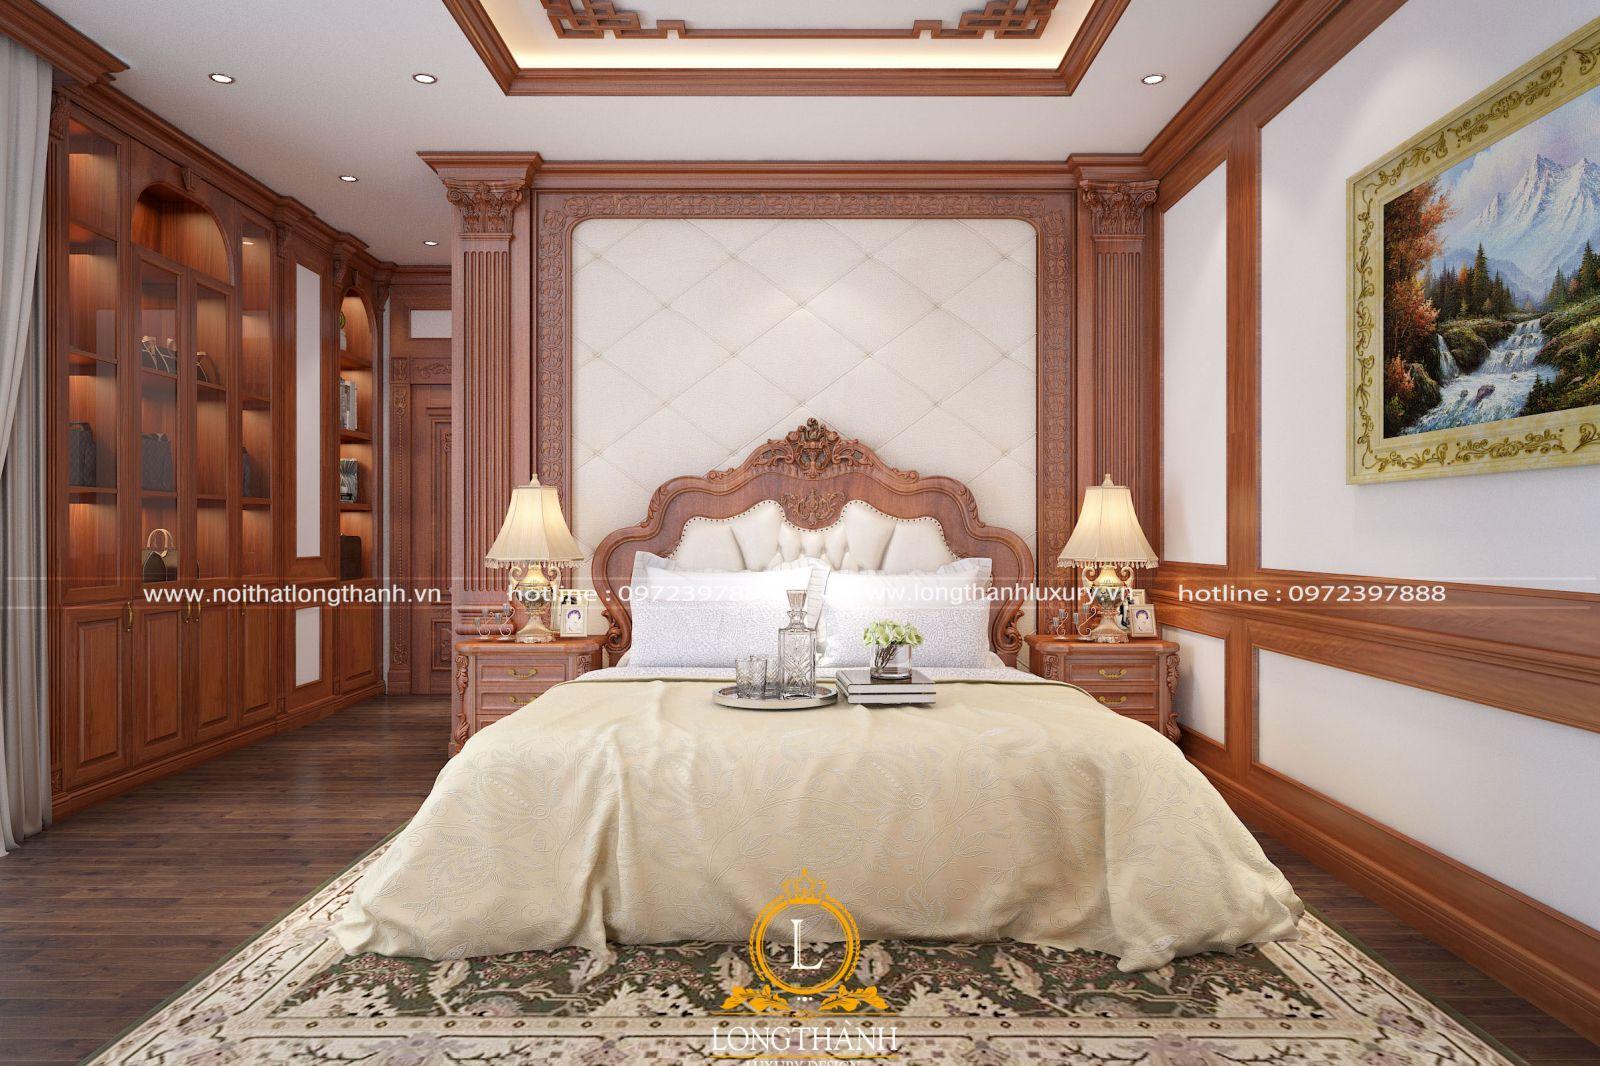 Nội thất phòng ngủ cao cấp được thiết kế khoa học và tiện nghi